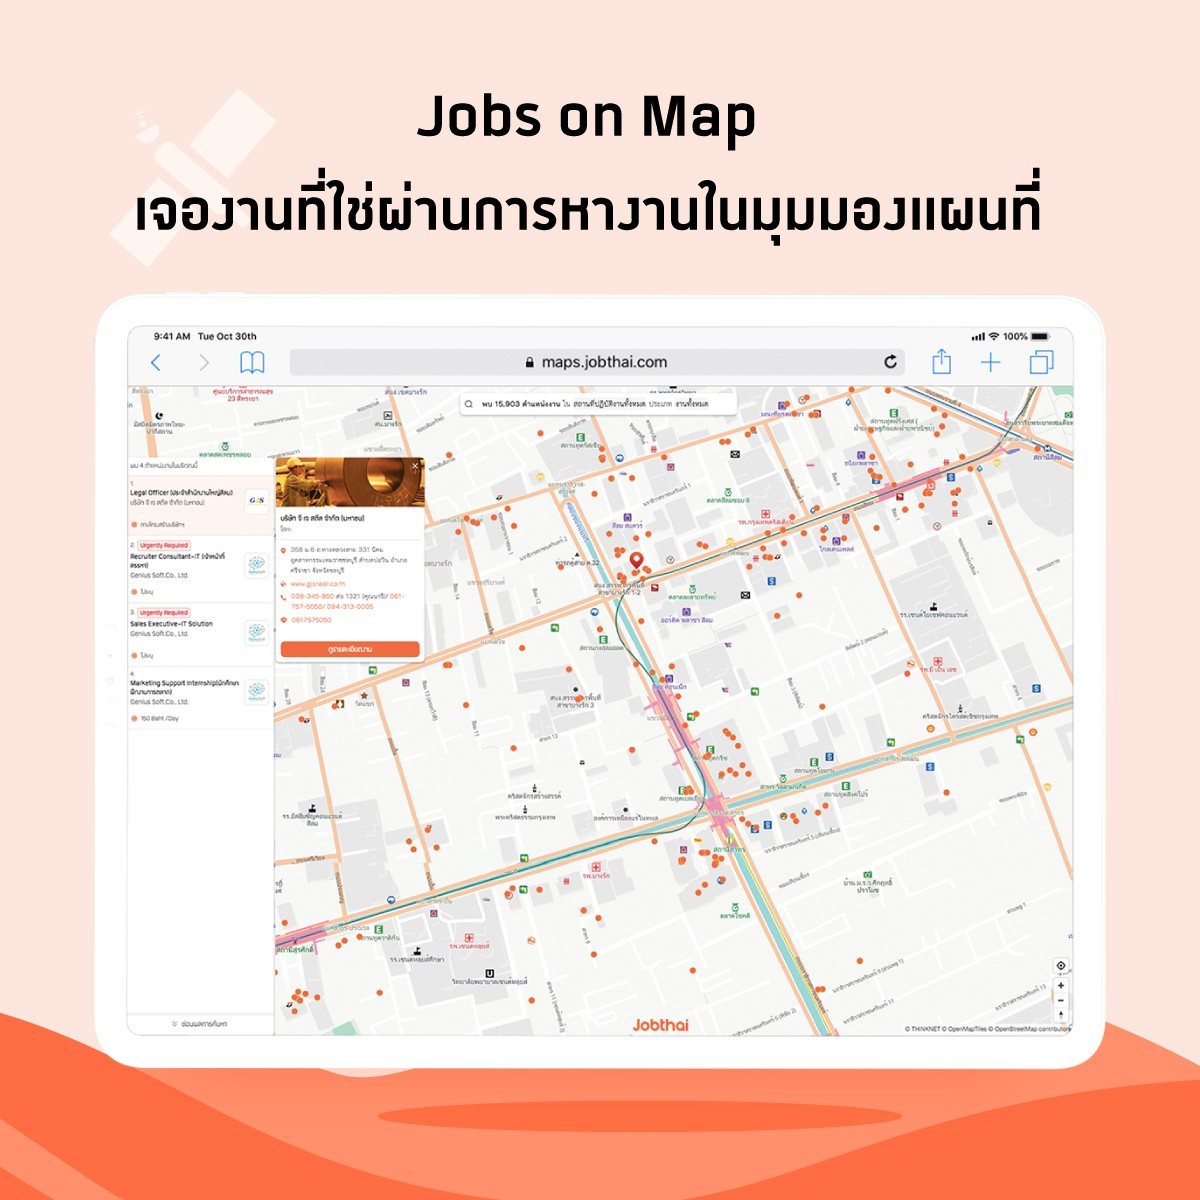 JobThai เว็บไซต์ดีไซน์ใหม่  Jobs on Maps หางาน สมัครงาน บนแผนที่